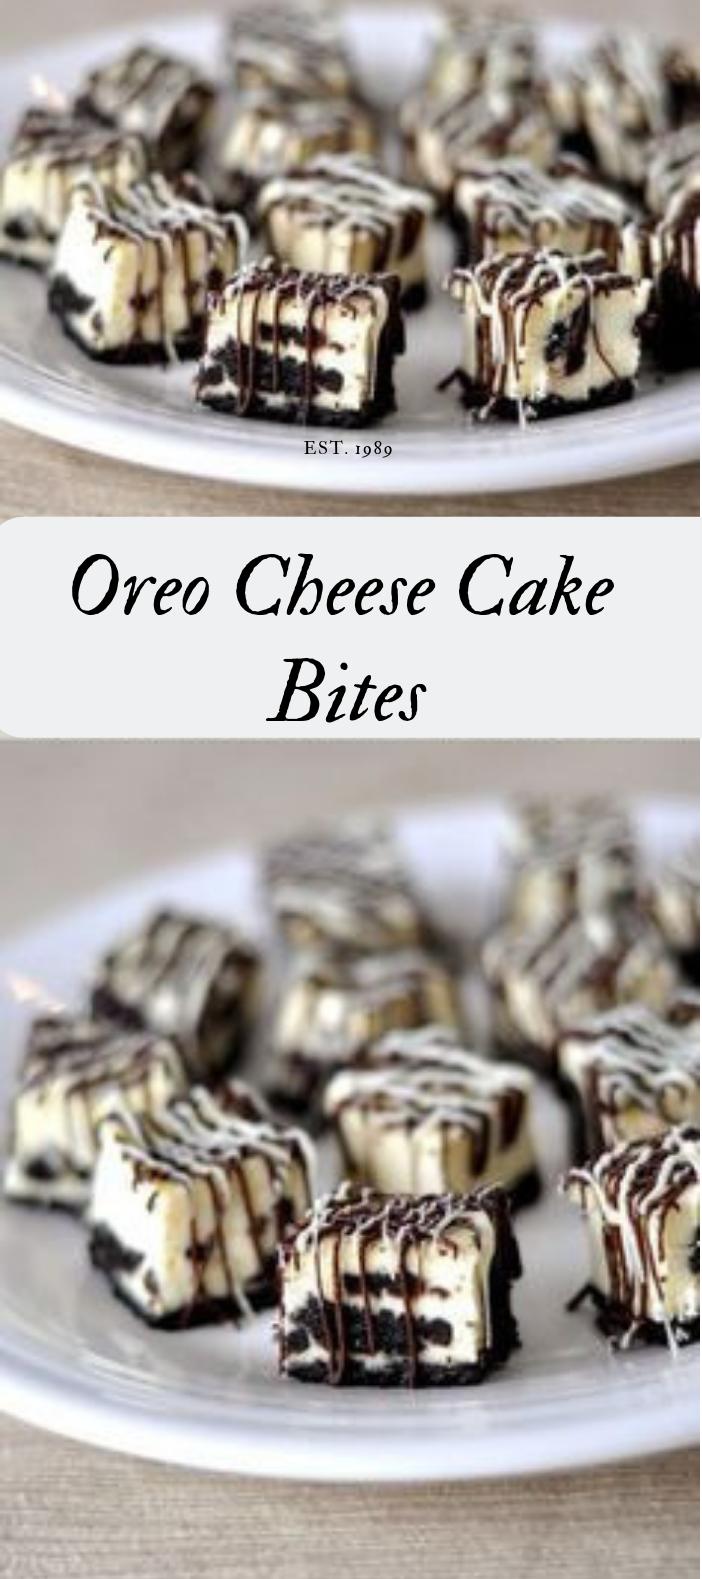 OREO CHEESECAKE BITES #dessertcake #delicious